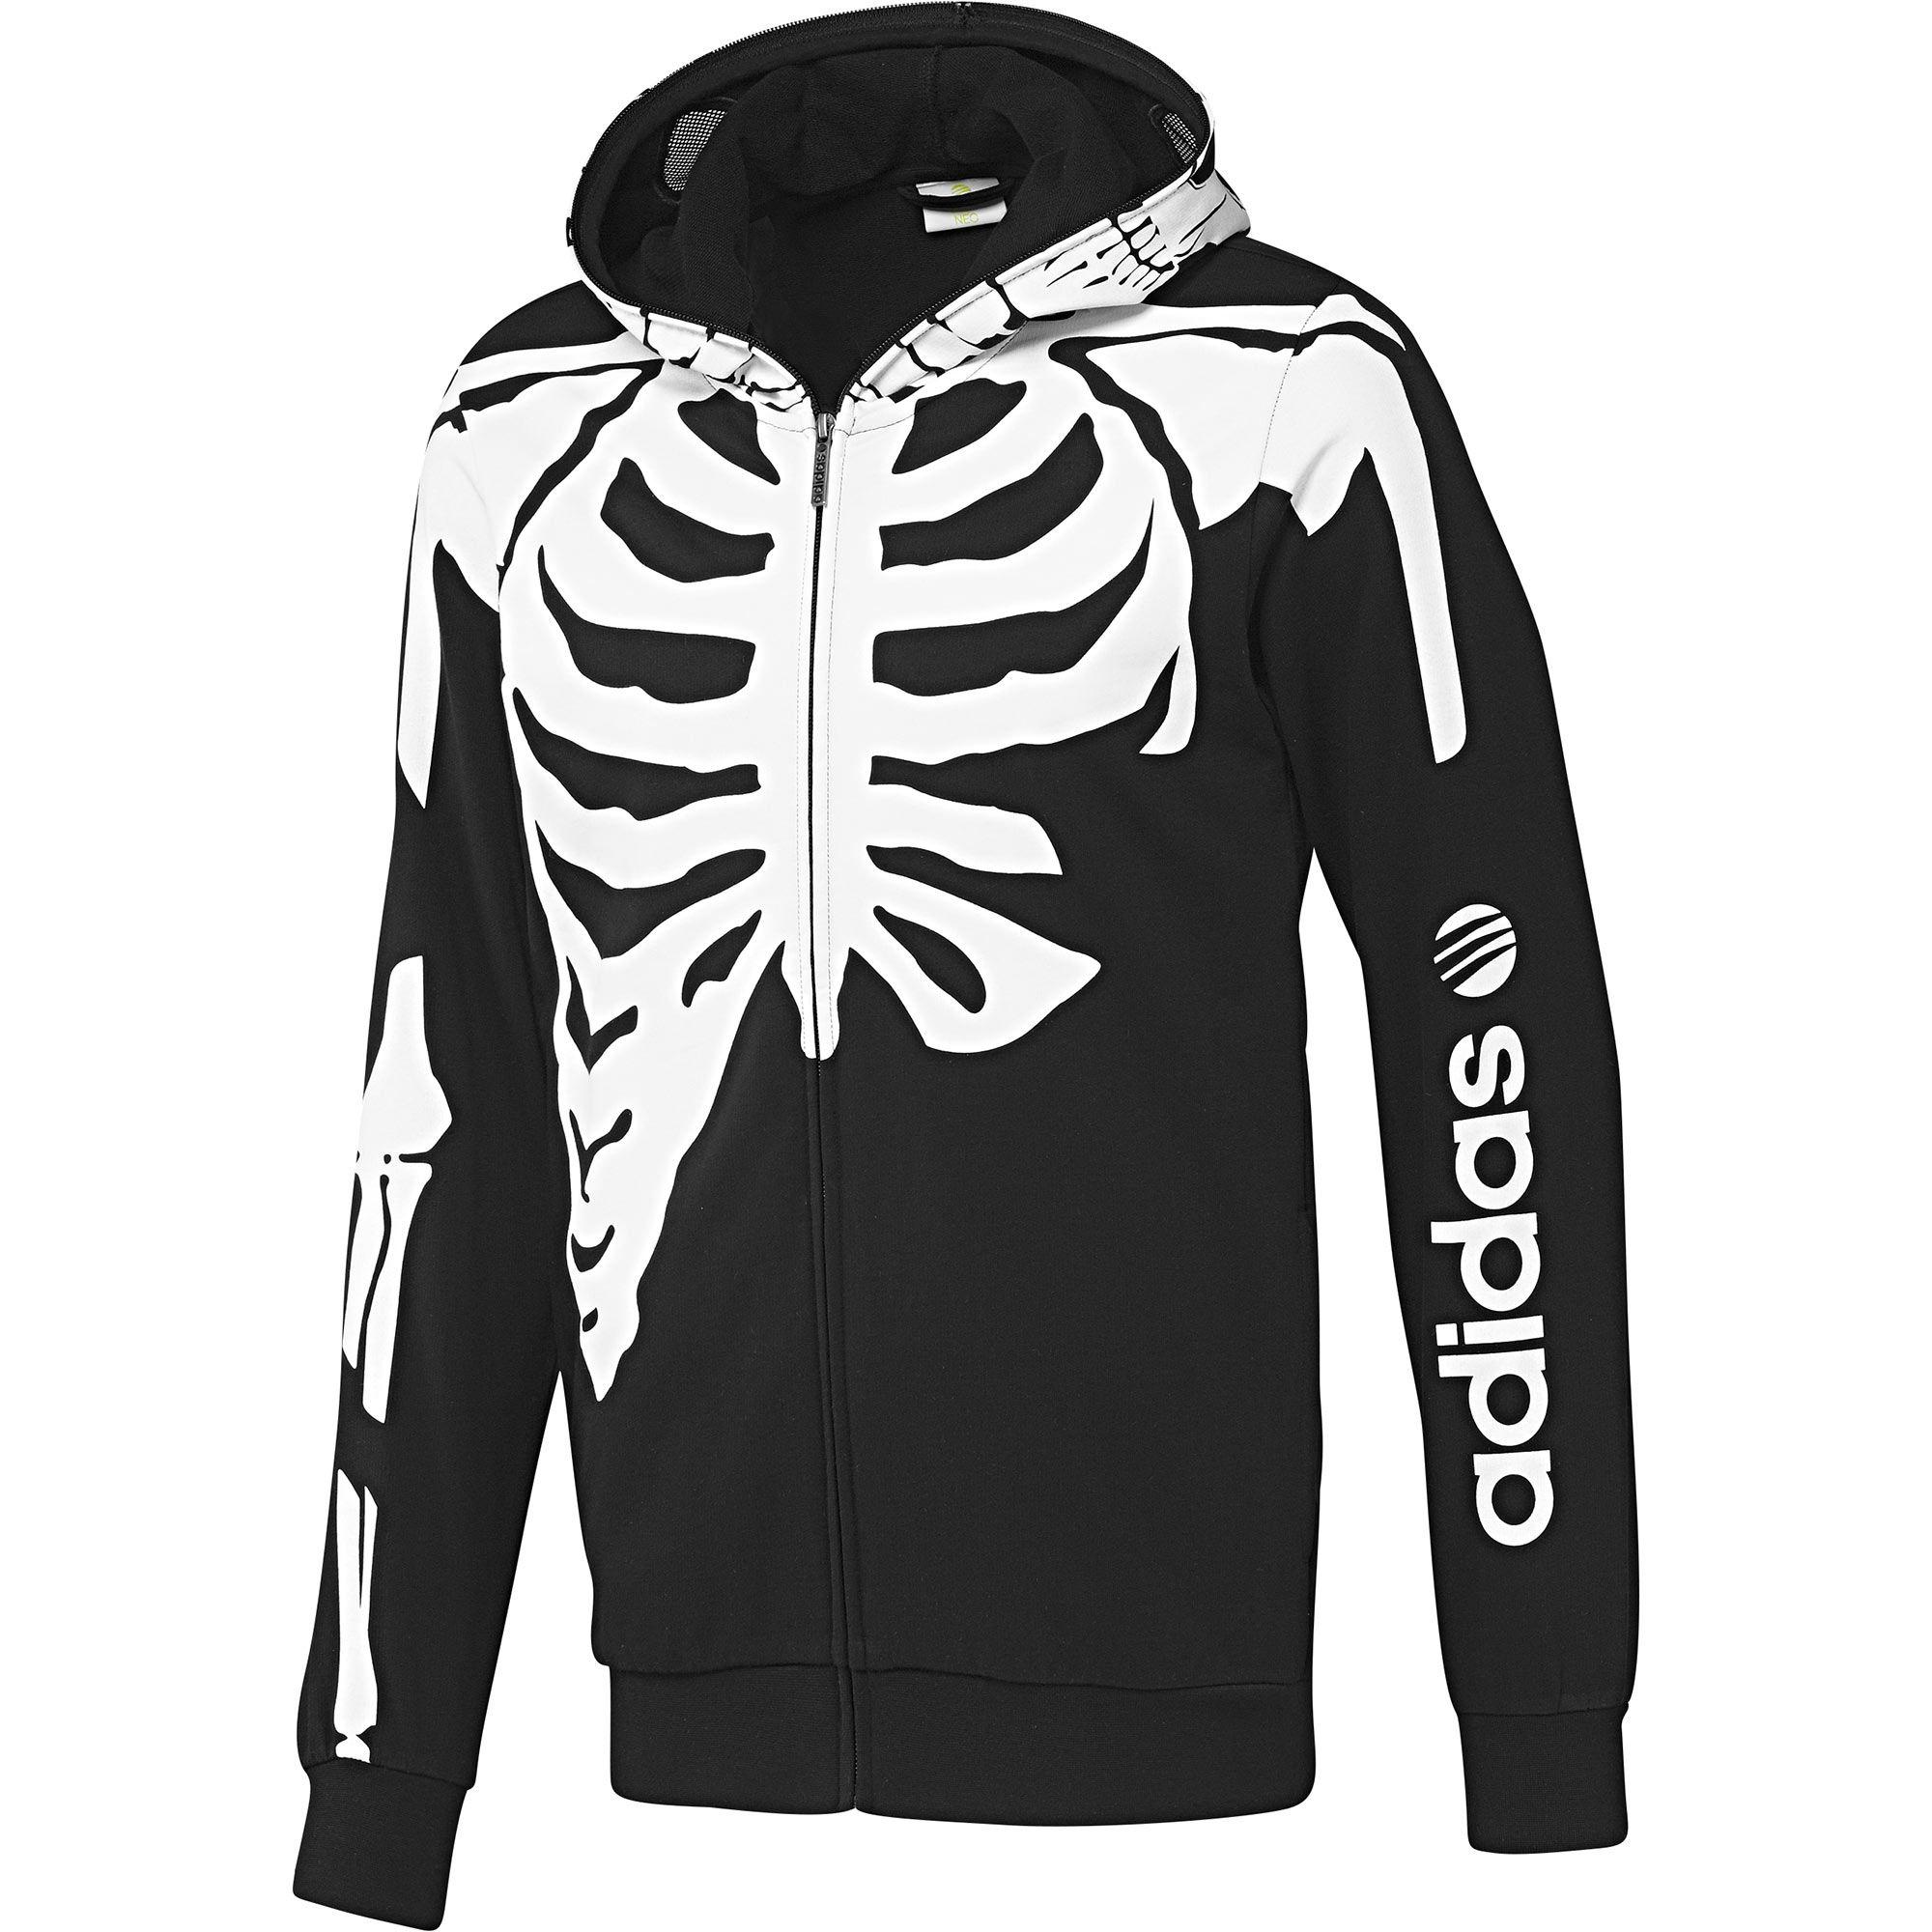 designer fashion dd109 f13fe No tengas miedo. La capucha de esta camiseta con estampado de esqueleto  para chico se puede cerrar por completo con cremallera para mostrar una  calavera.